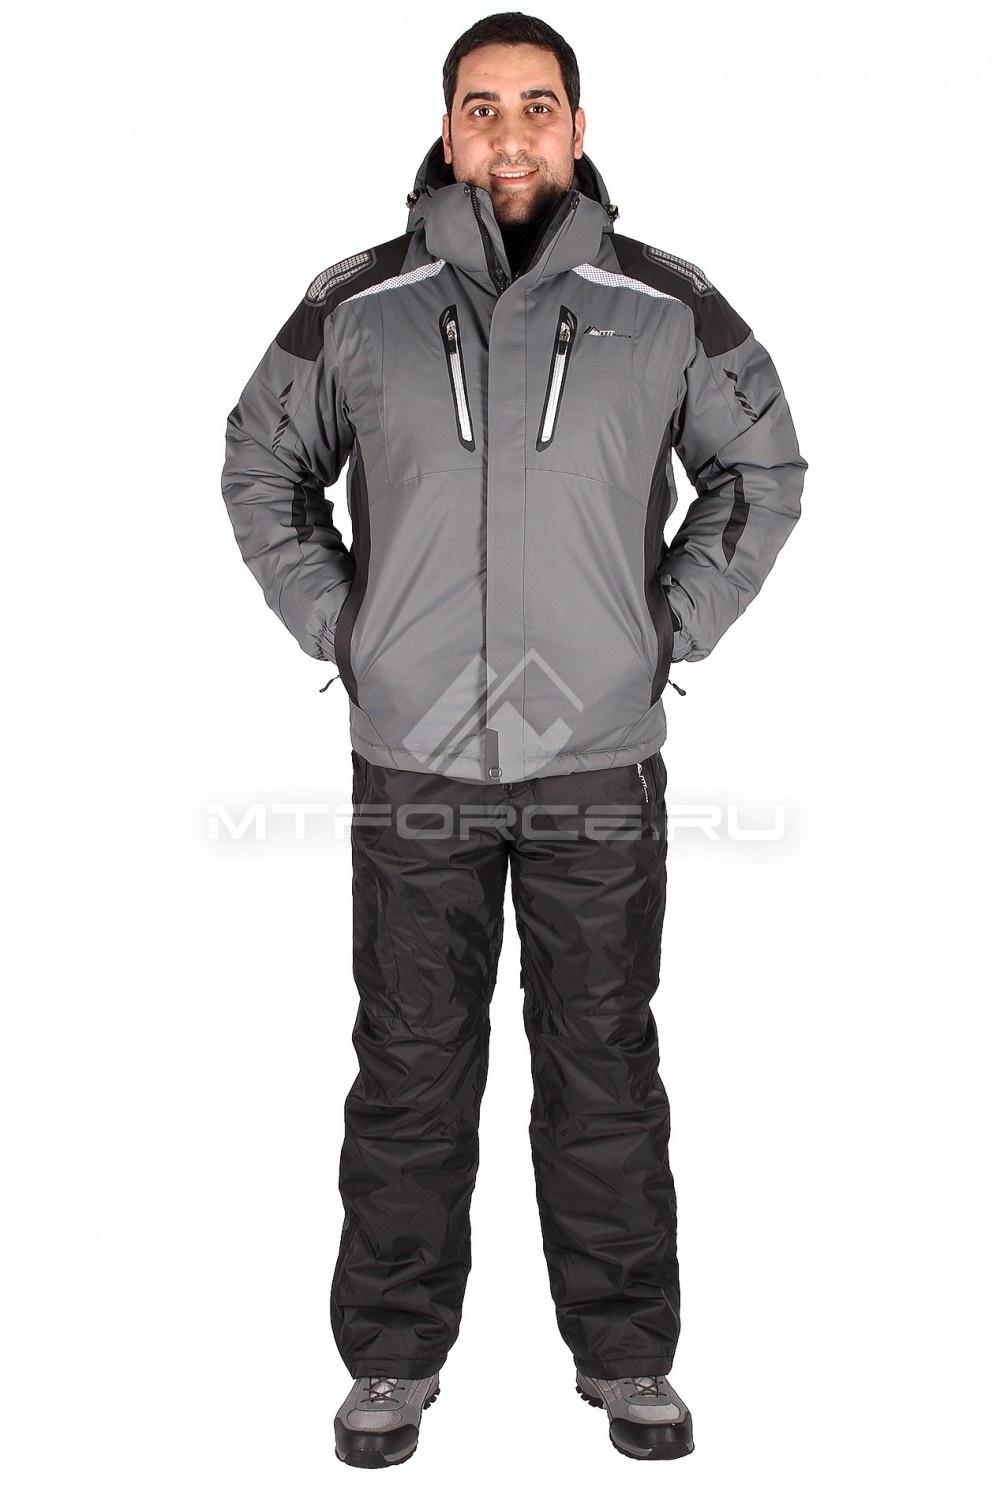 Купить                                  оптом Костюм горнолыжный мужской серого цвета 01552Sr